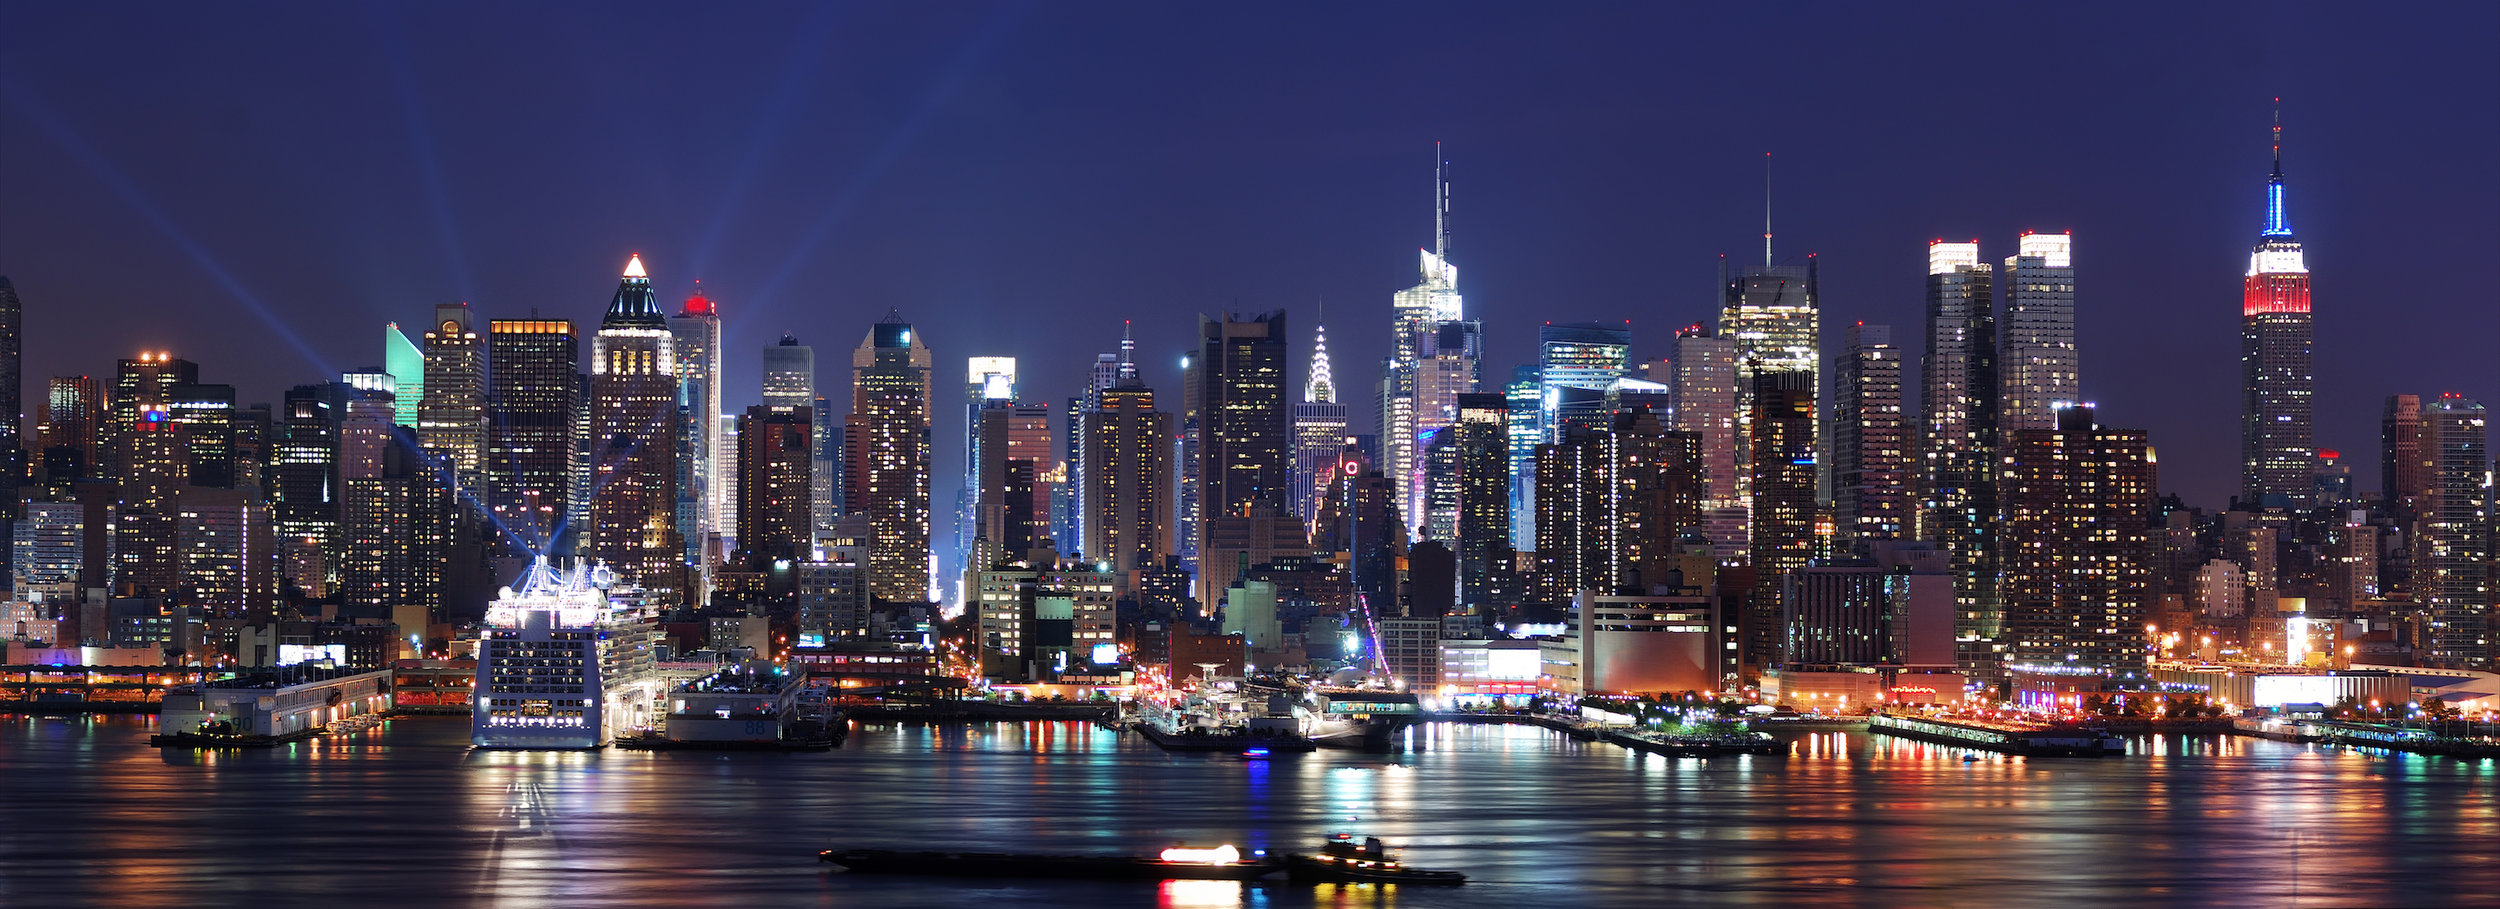 Вечерняя панорама Нью-Йорка.jpg